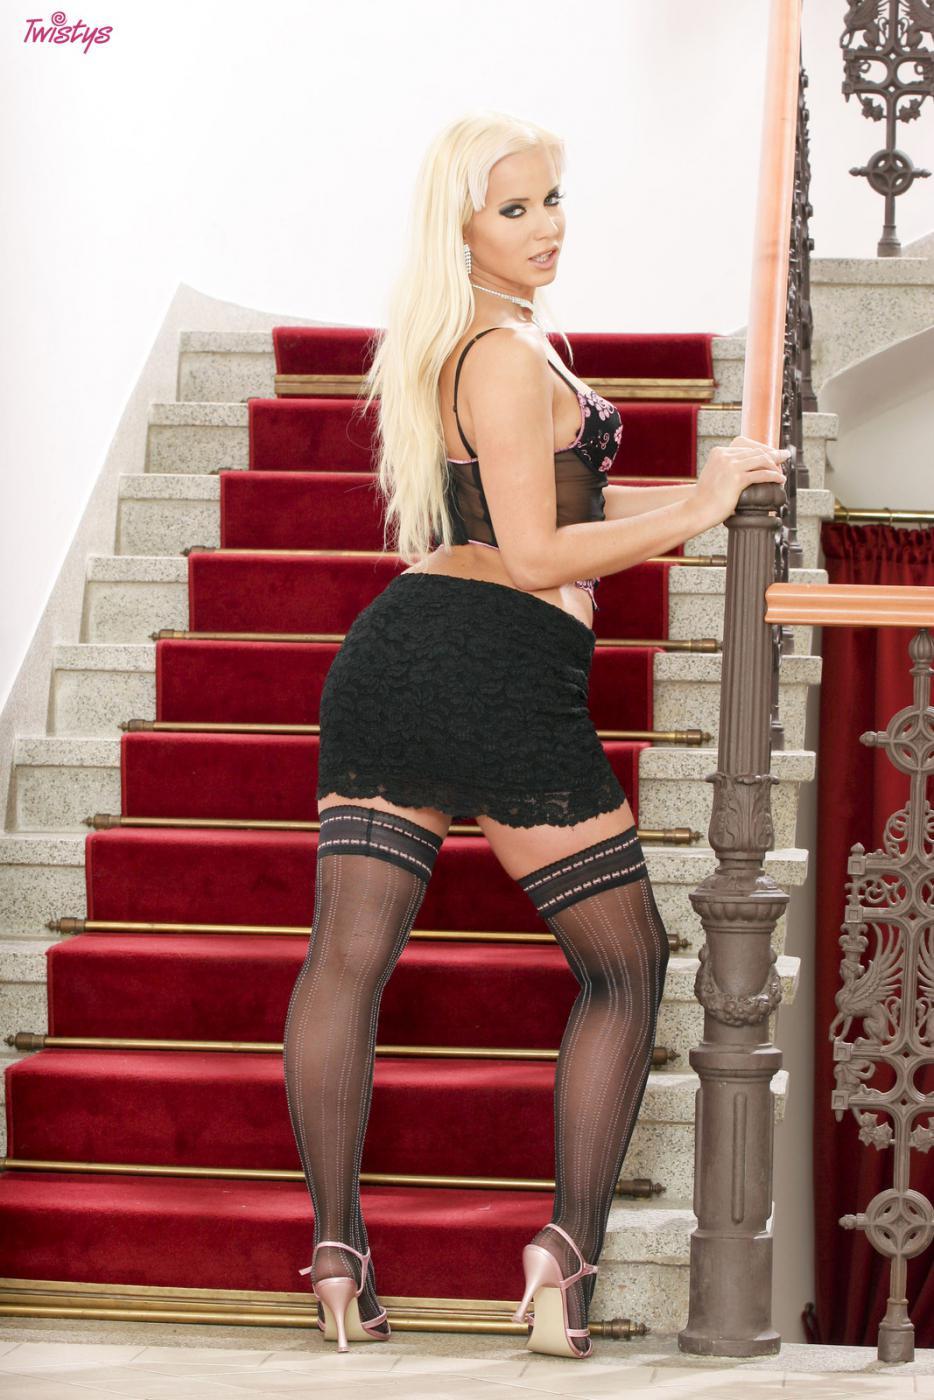 Сисястая блондинка в чулках Cindy Dollar втыкает секс-игрушку себе в попу